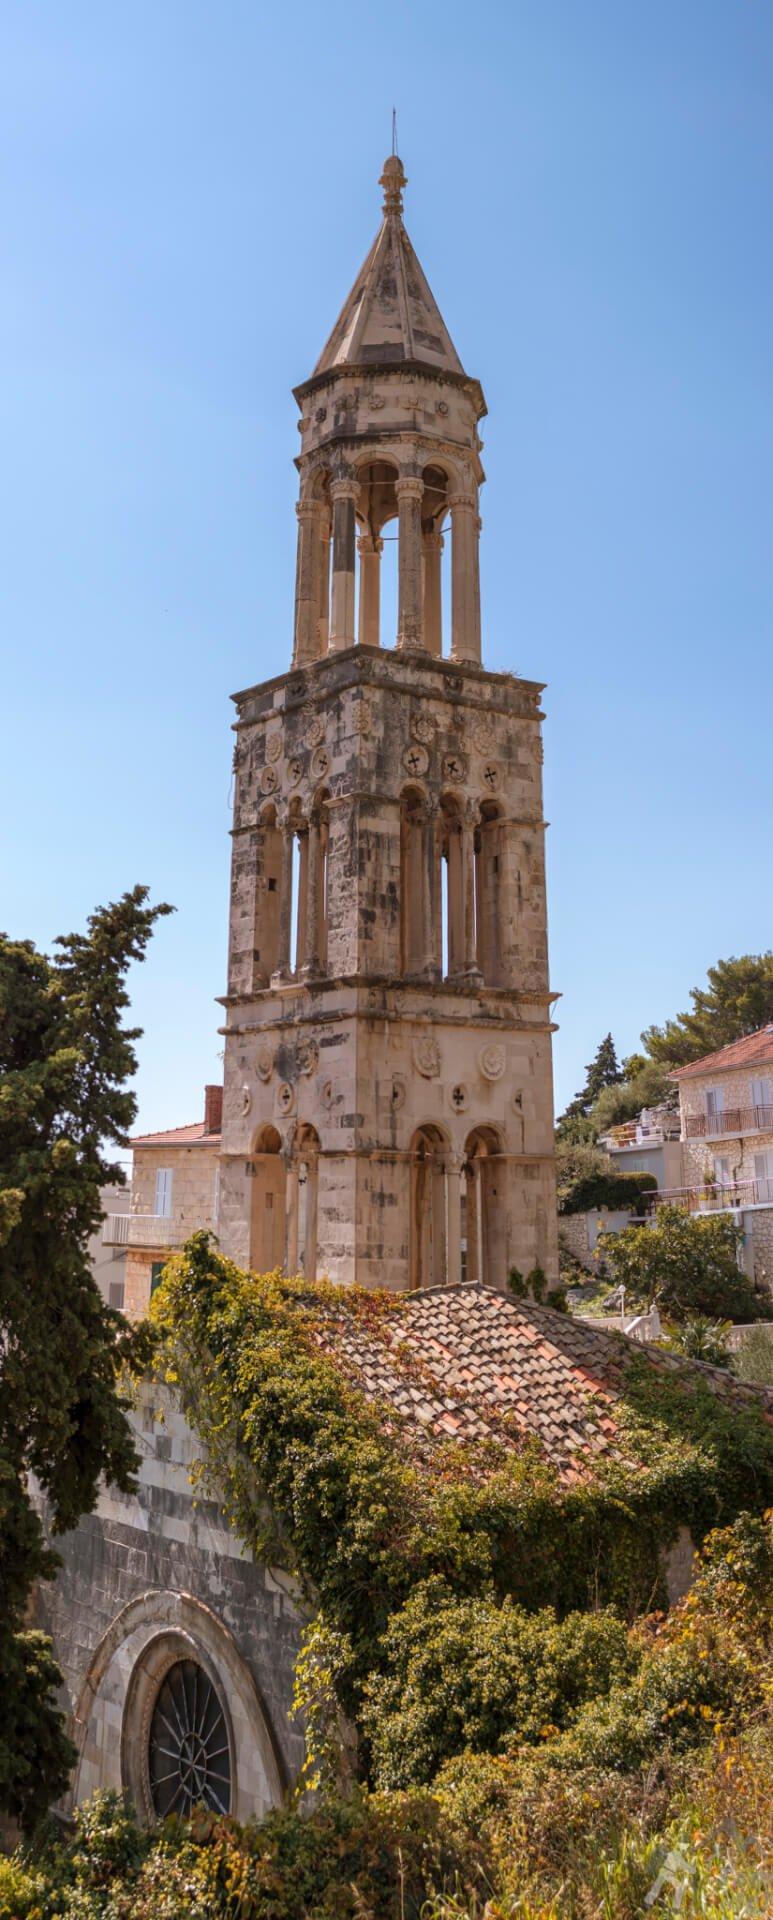 Wieża kościoła św. Marka